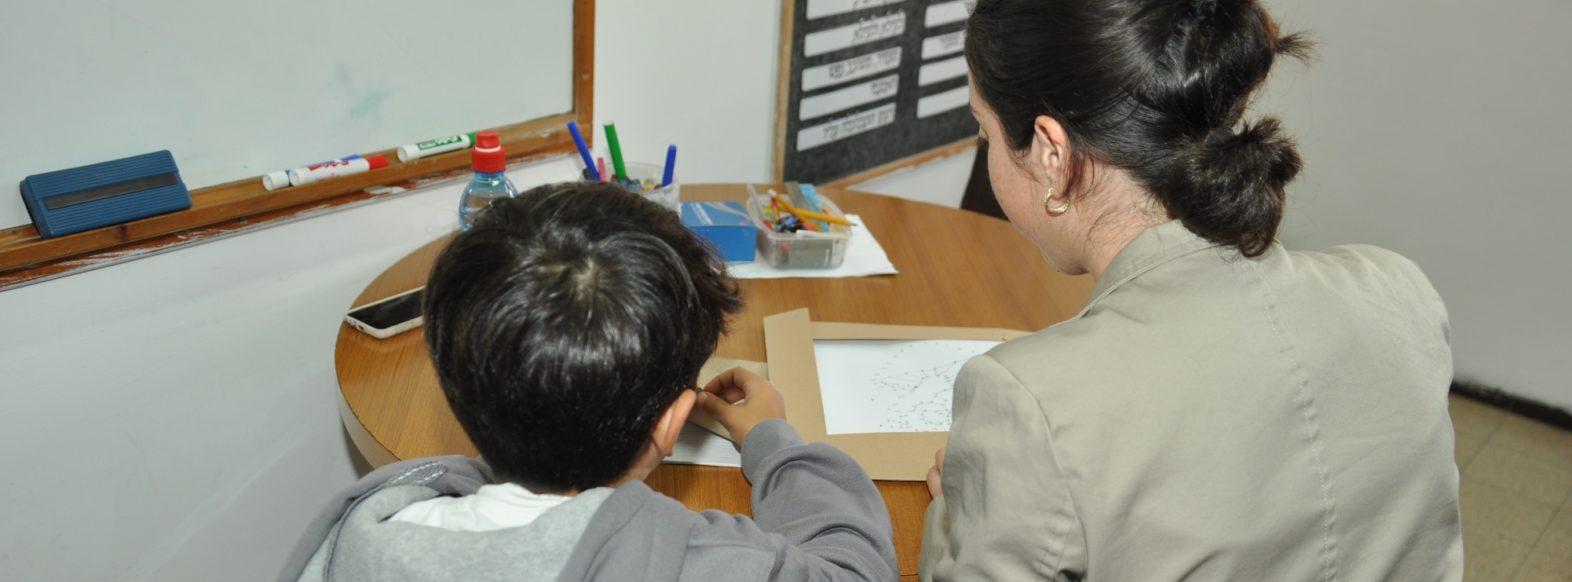 מרכז לשיפור הלמידה לתלמידי קרית אתא